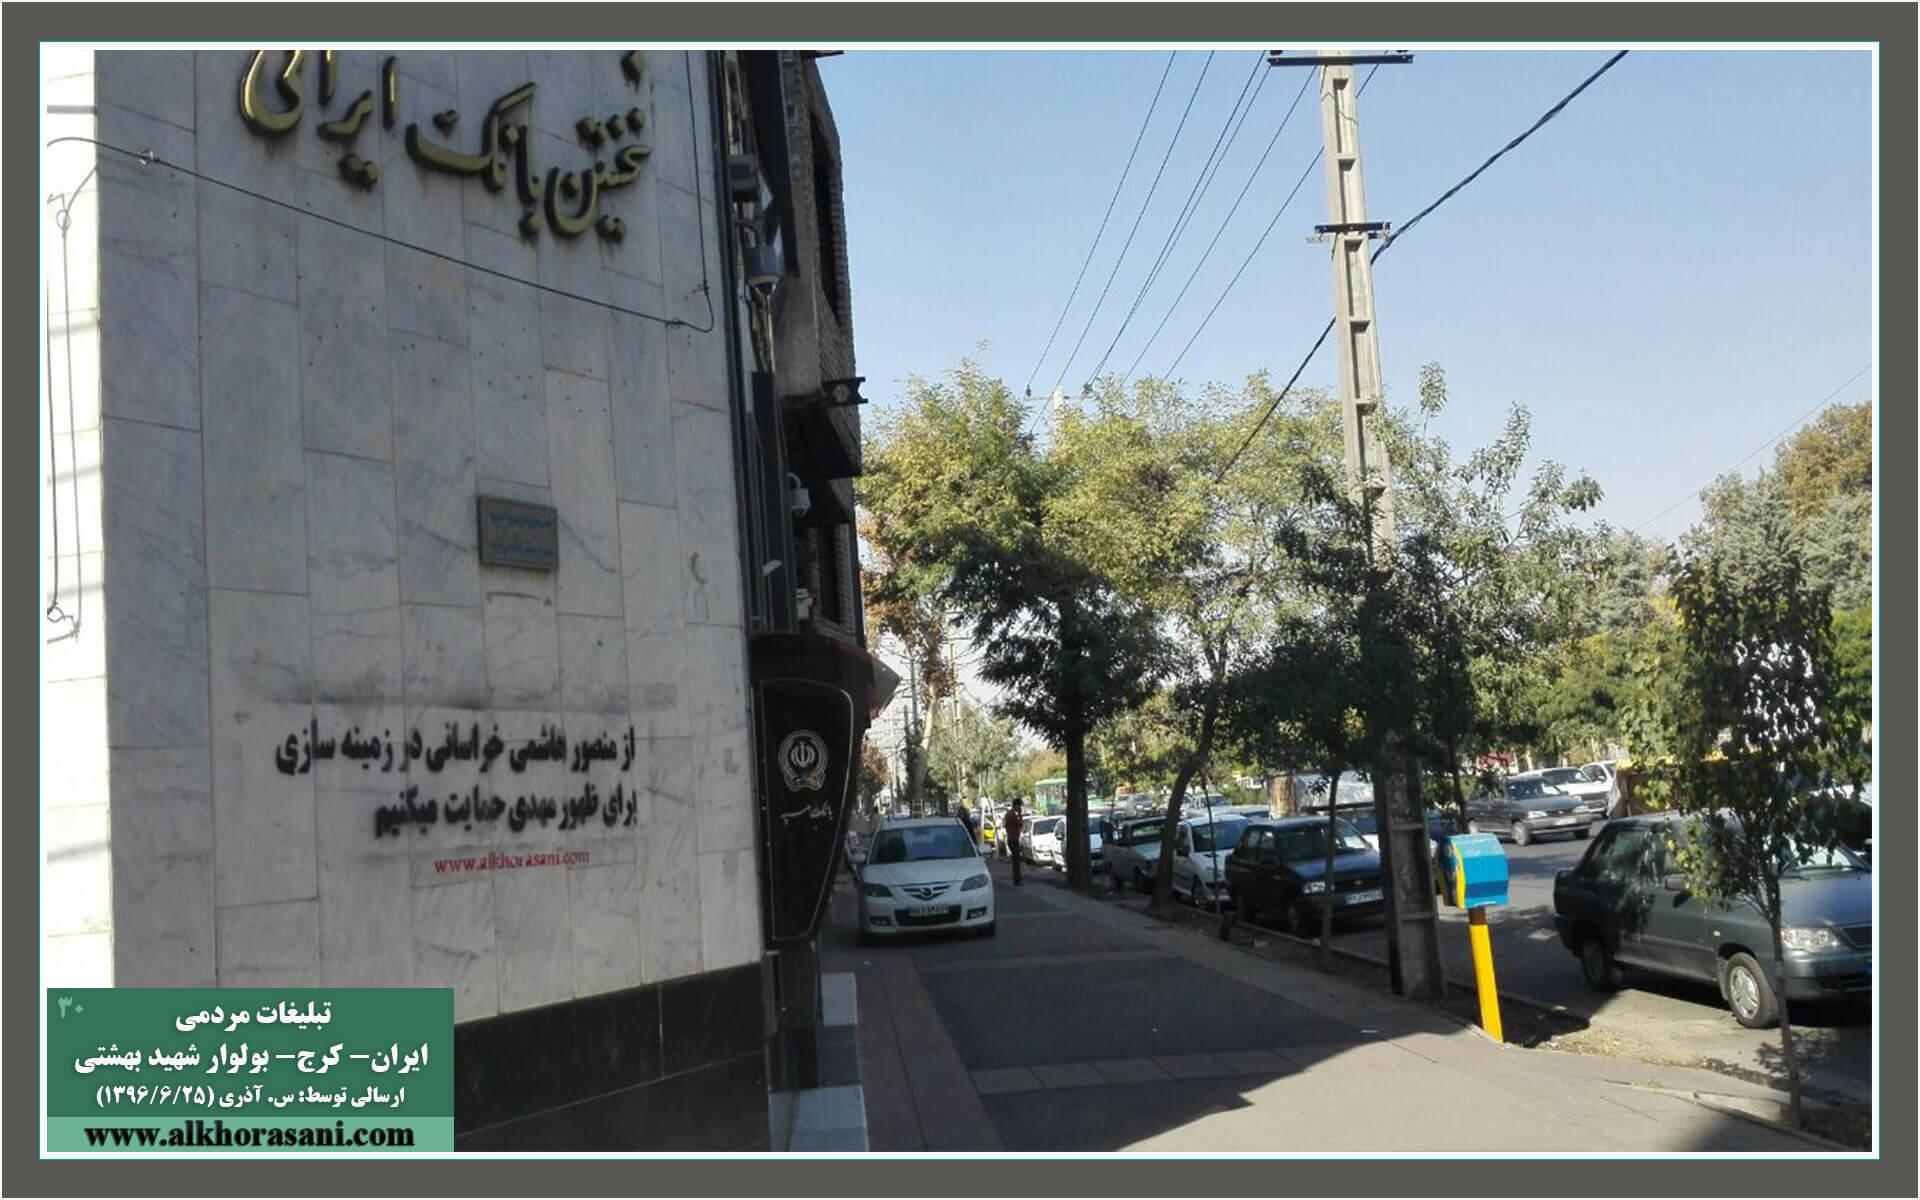 حامیان منصور هاشمی خراسانی